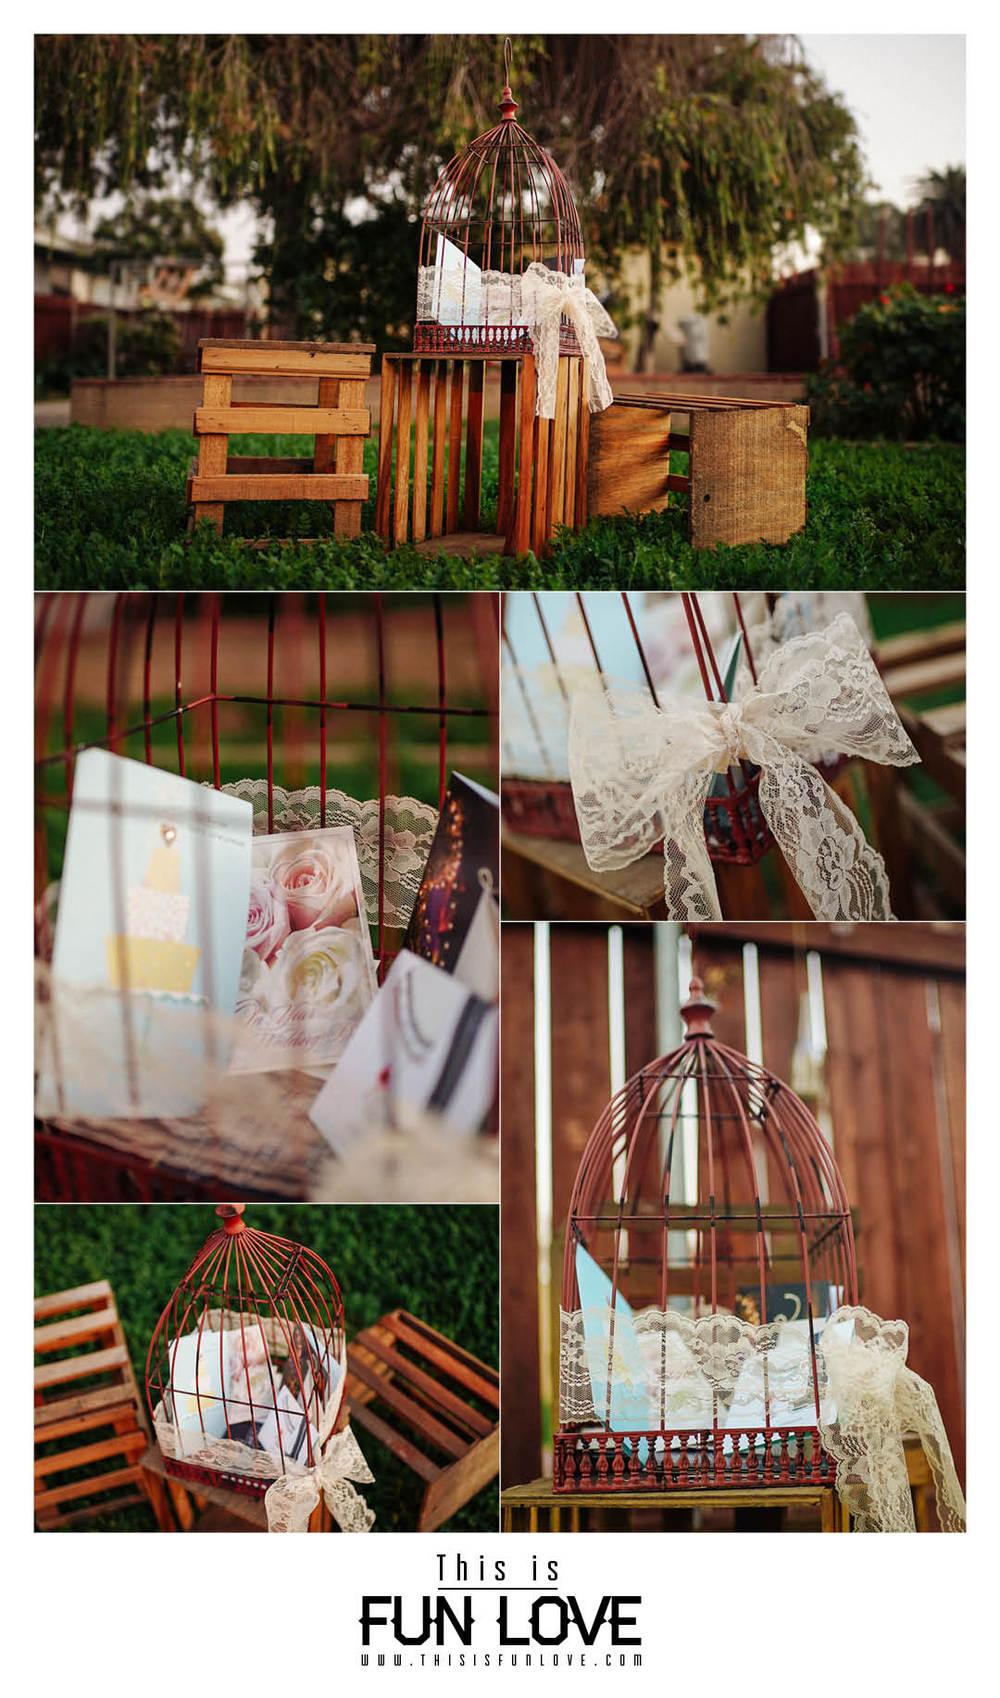 Birdcage Photo Collage.jpg